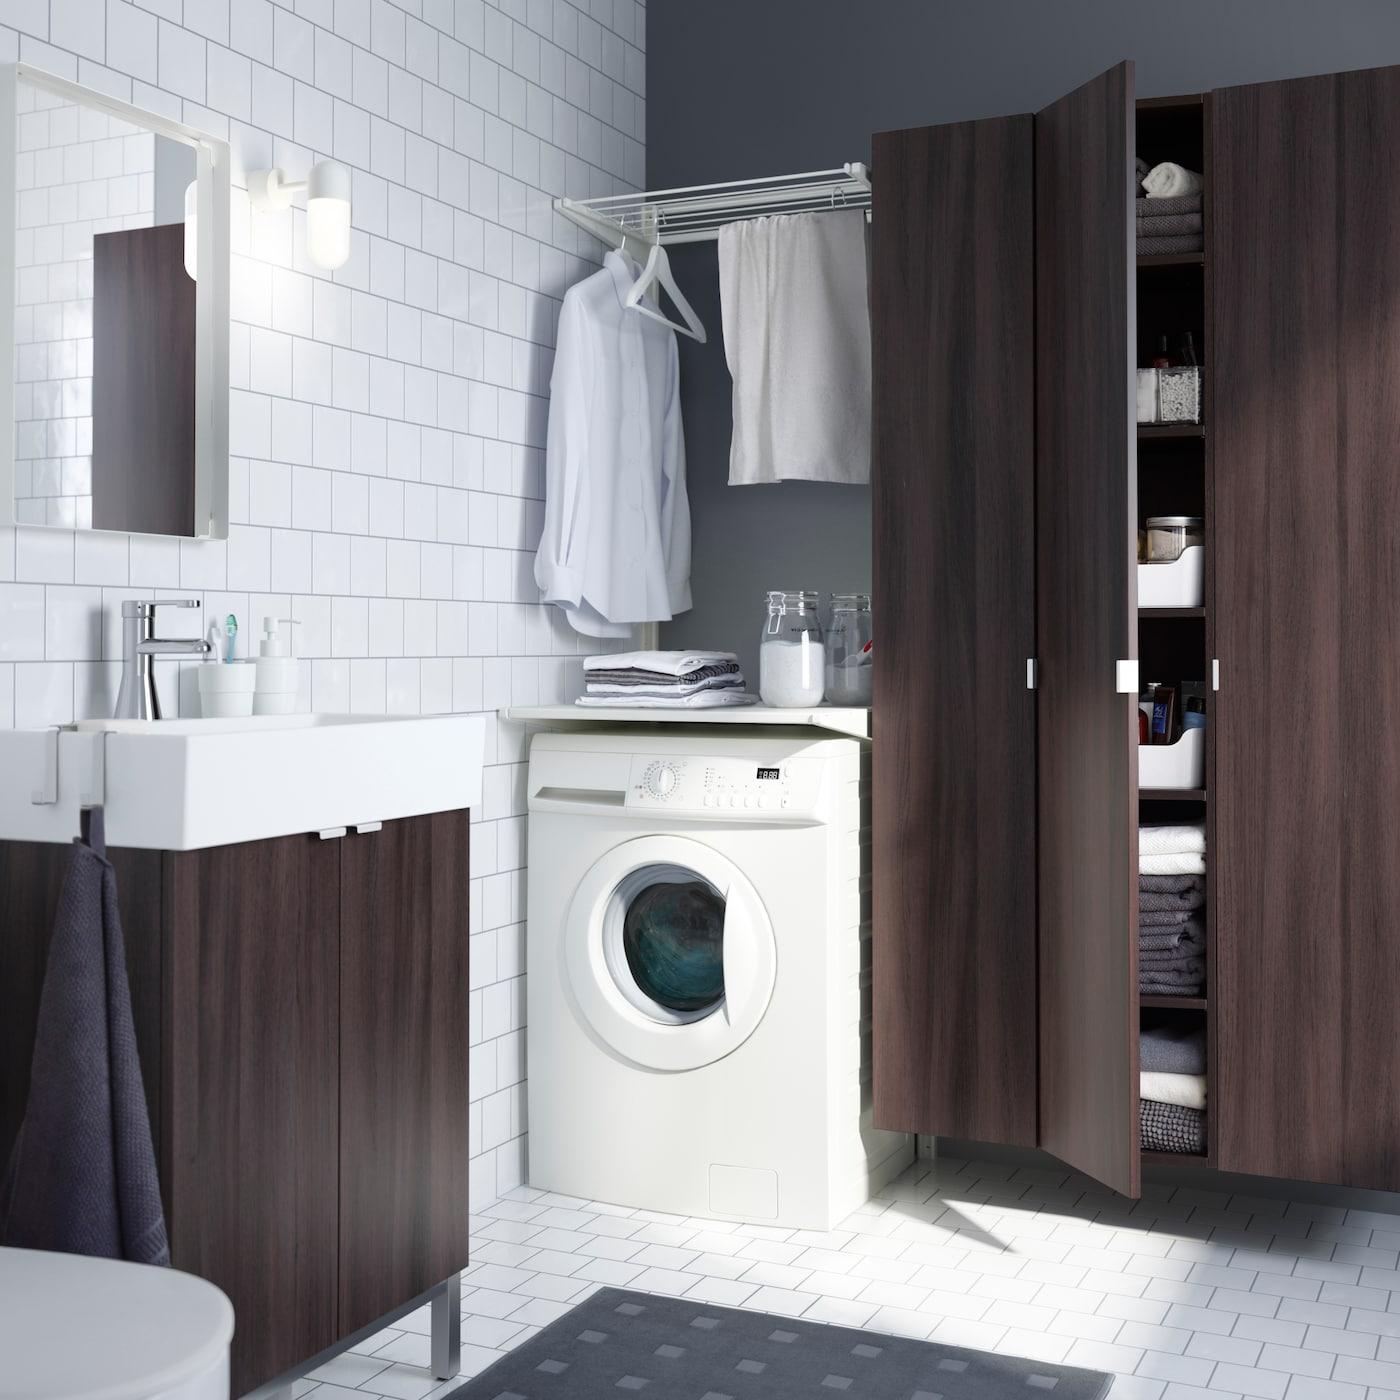 integrert vaskemaskin ikea